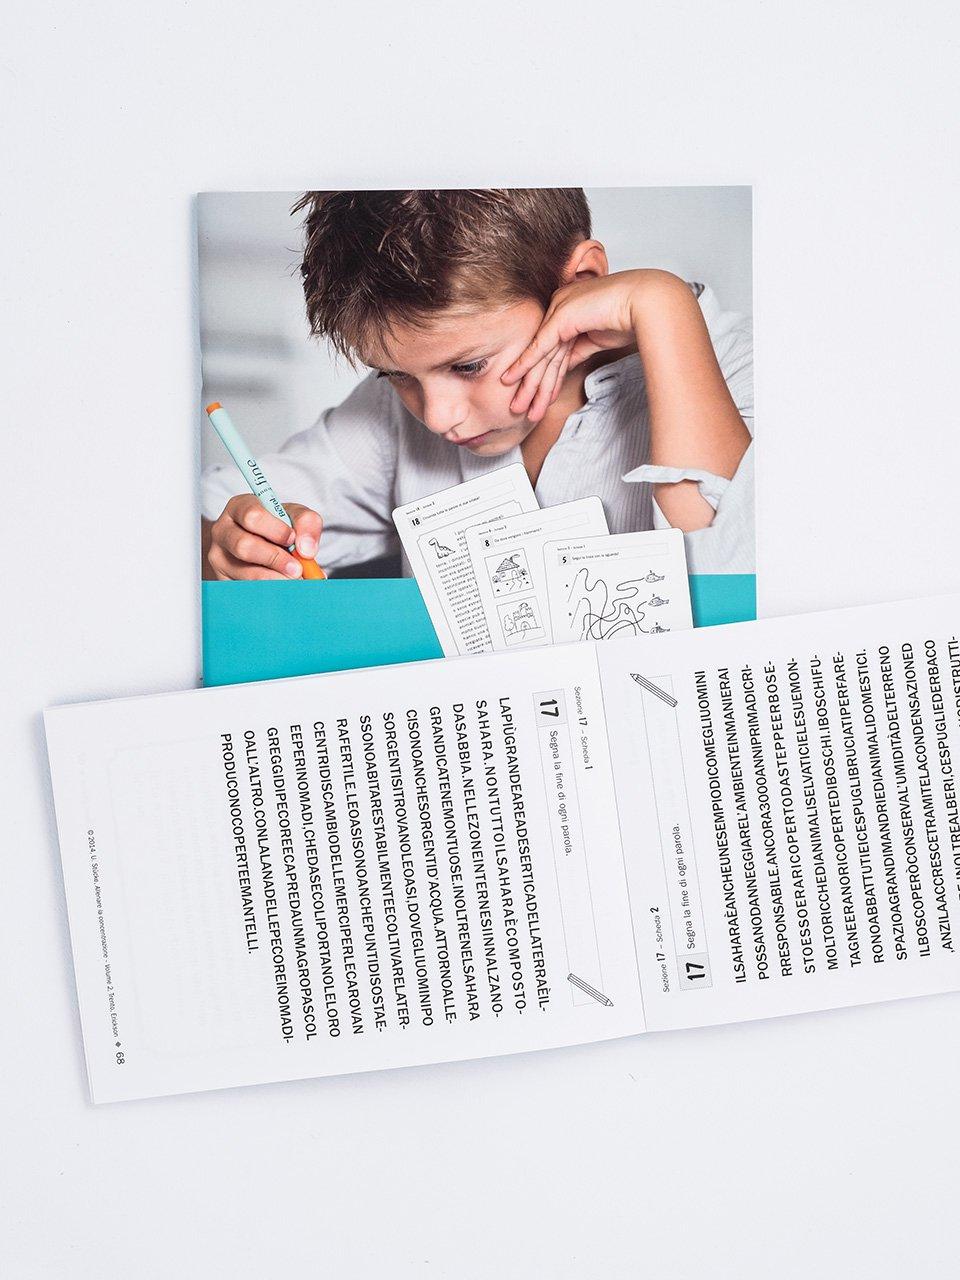 Allenare la concentrazione - Volume 2 - Libri - App e software - Erickson 2